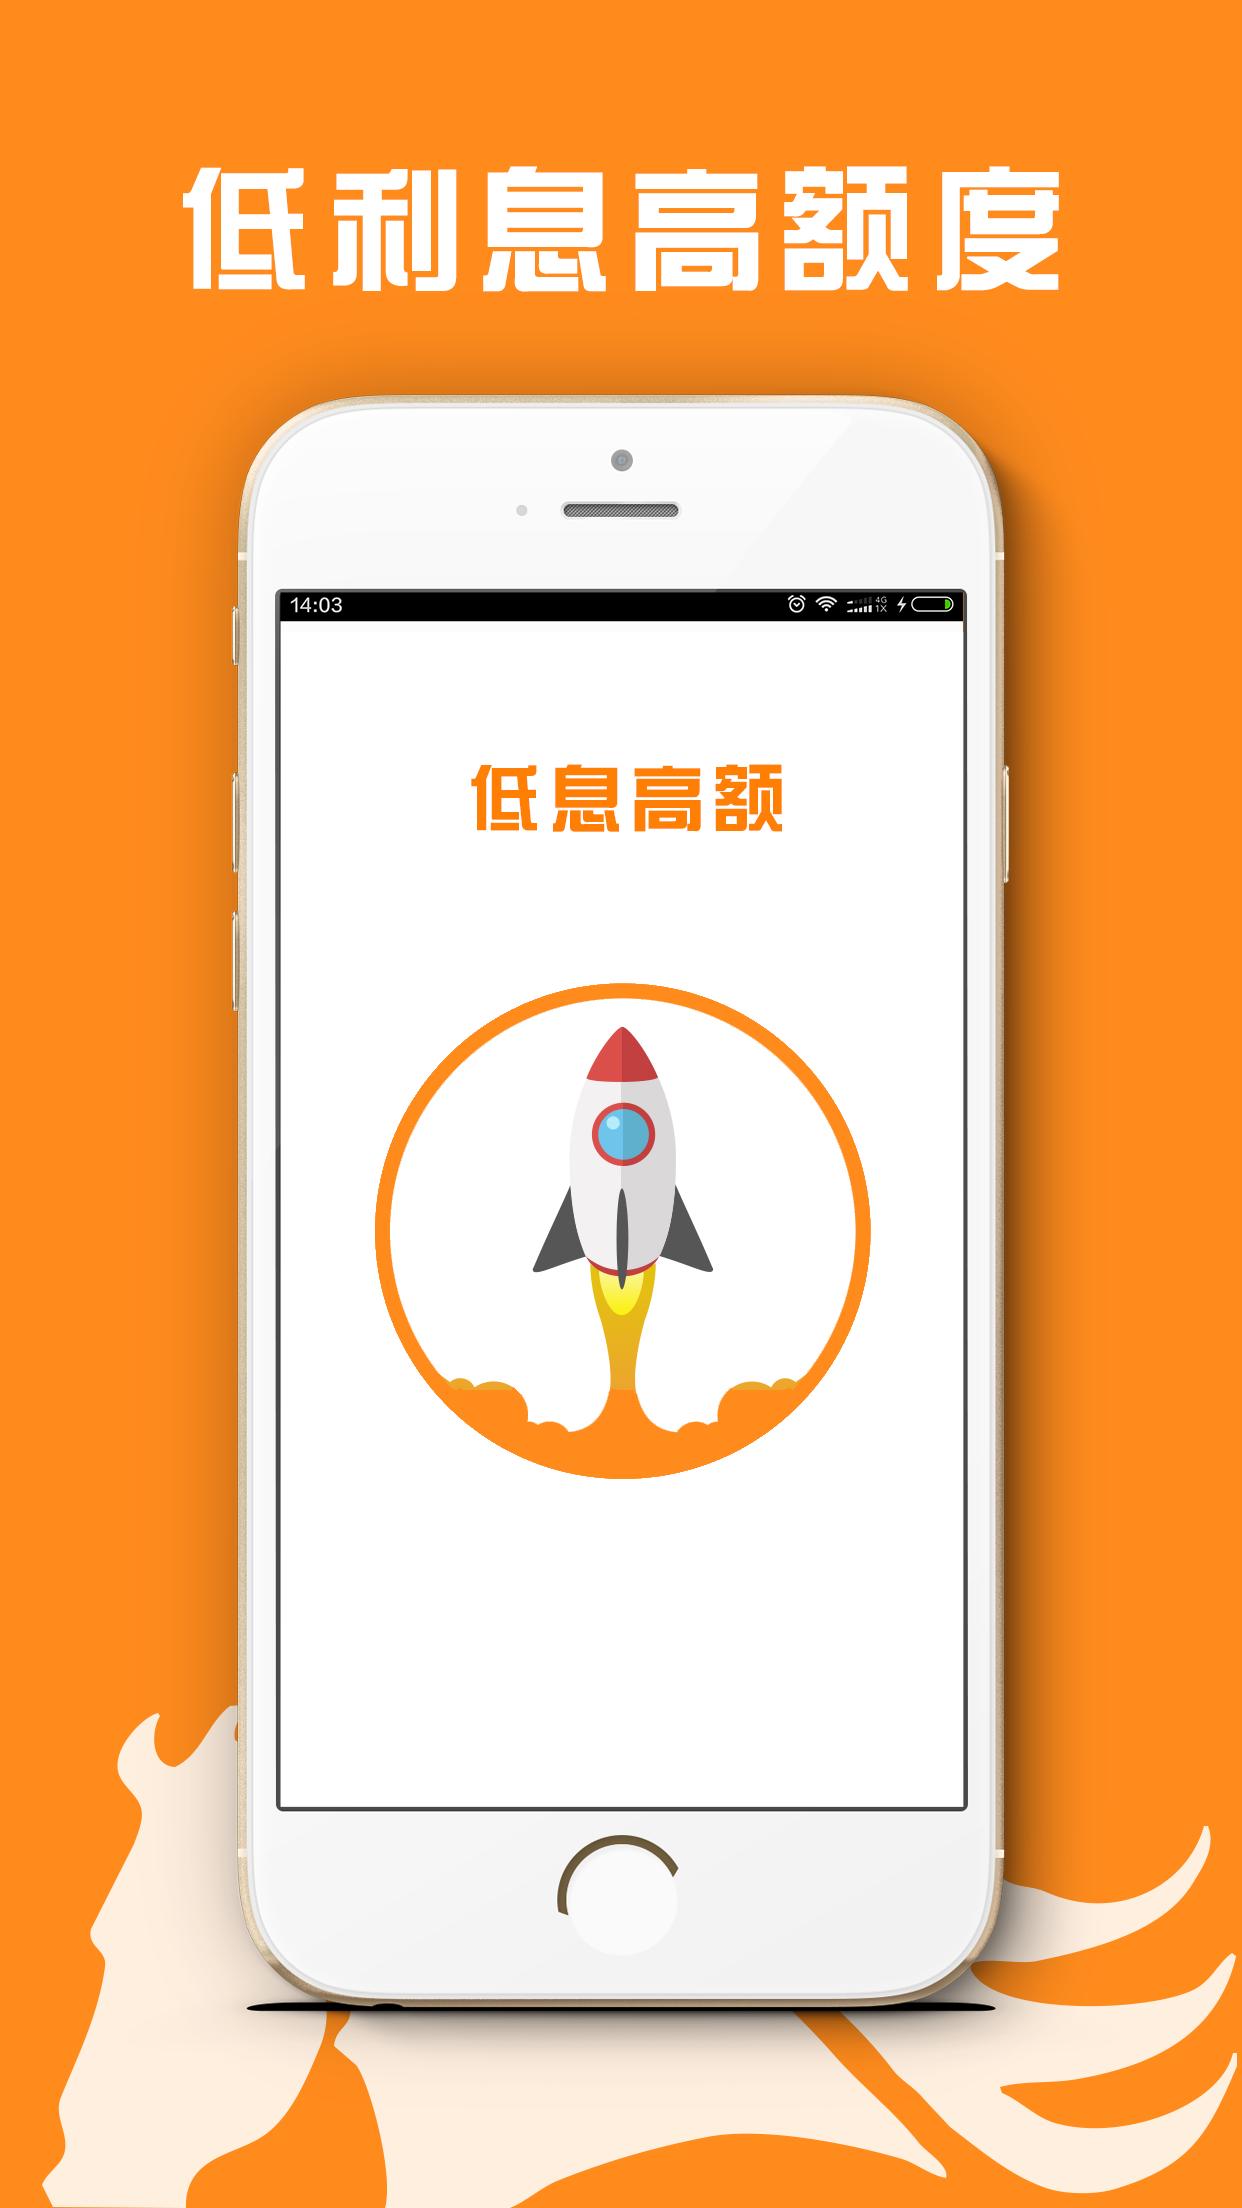 闪讯钱包贷款app官方手机版下载图3: